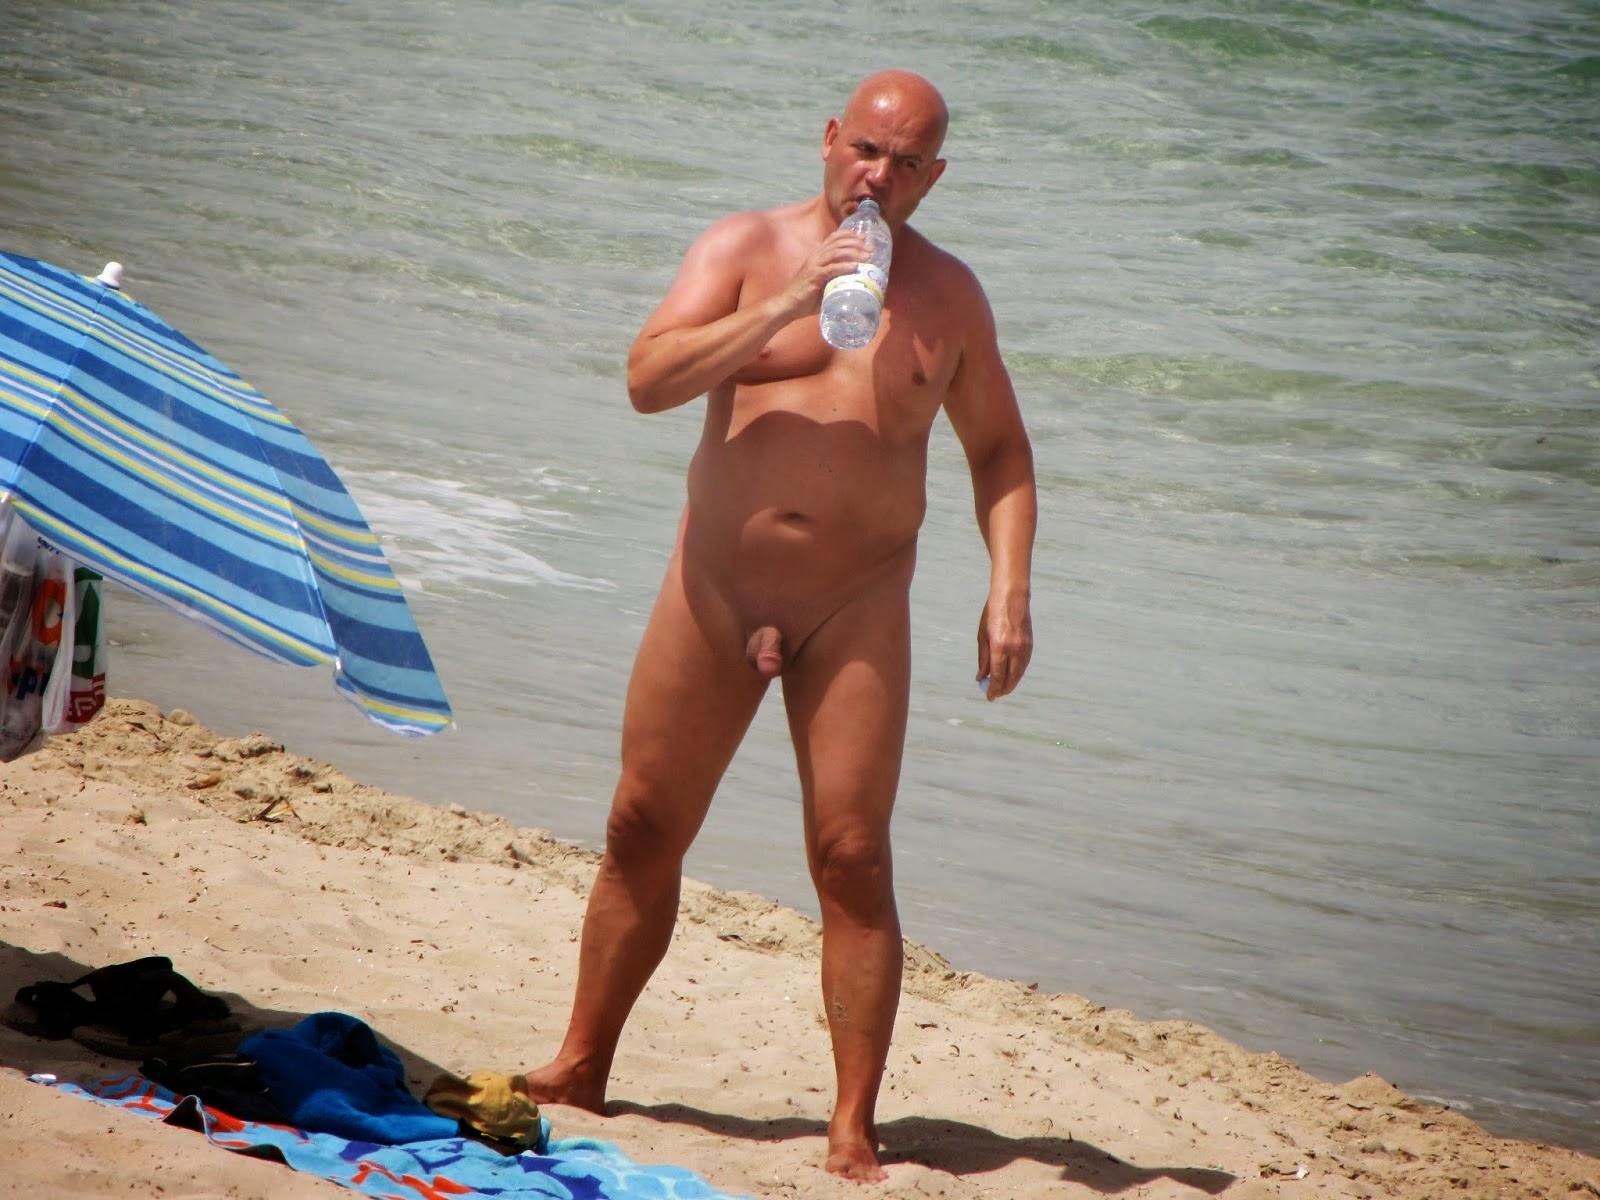 После сего гей пляж видео прижала себе